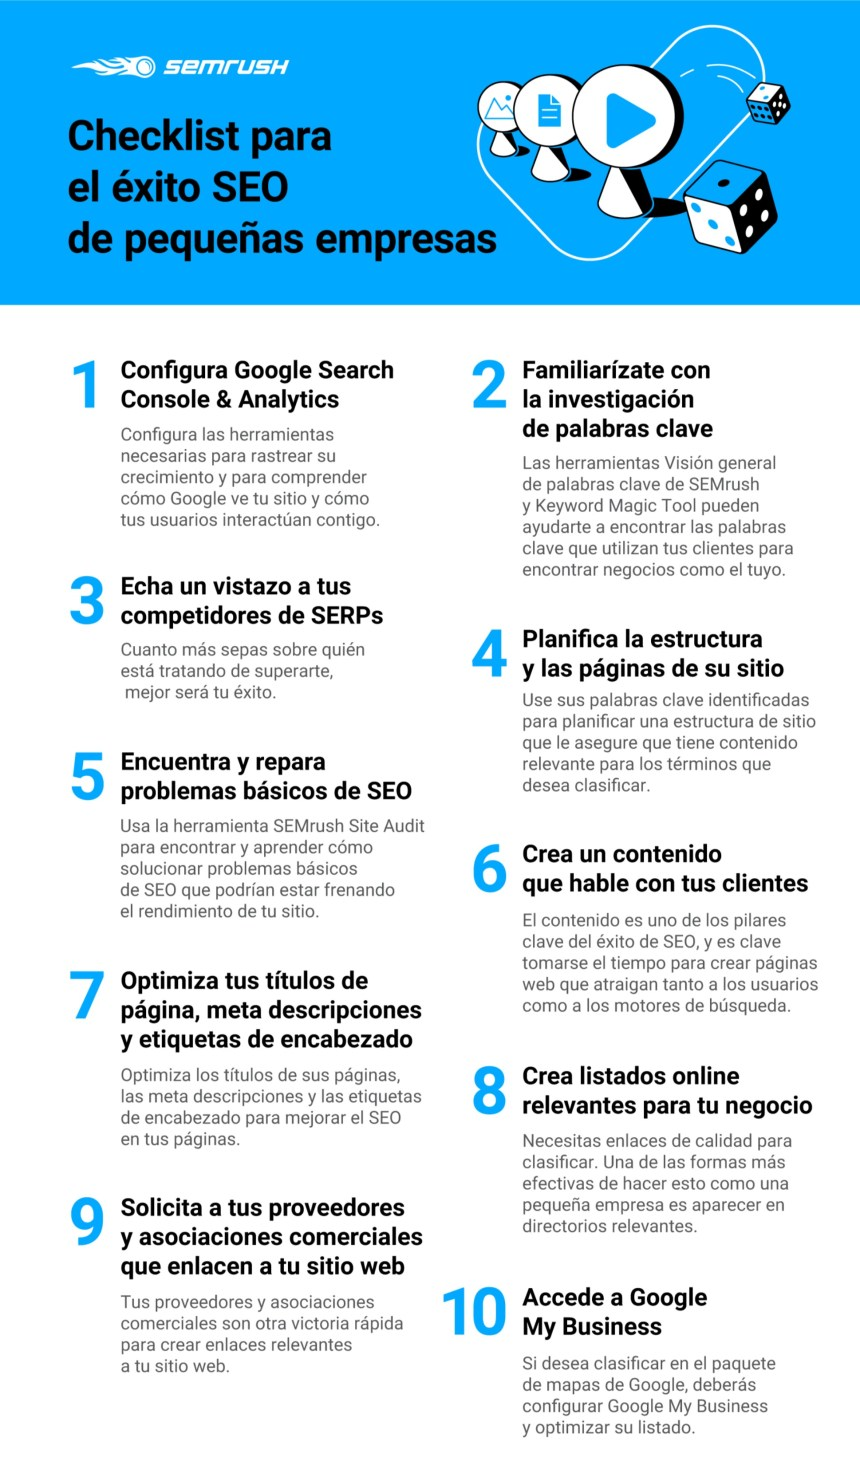 Checklist para el éxito SEO de pequeñas empresas